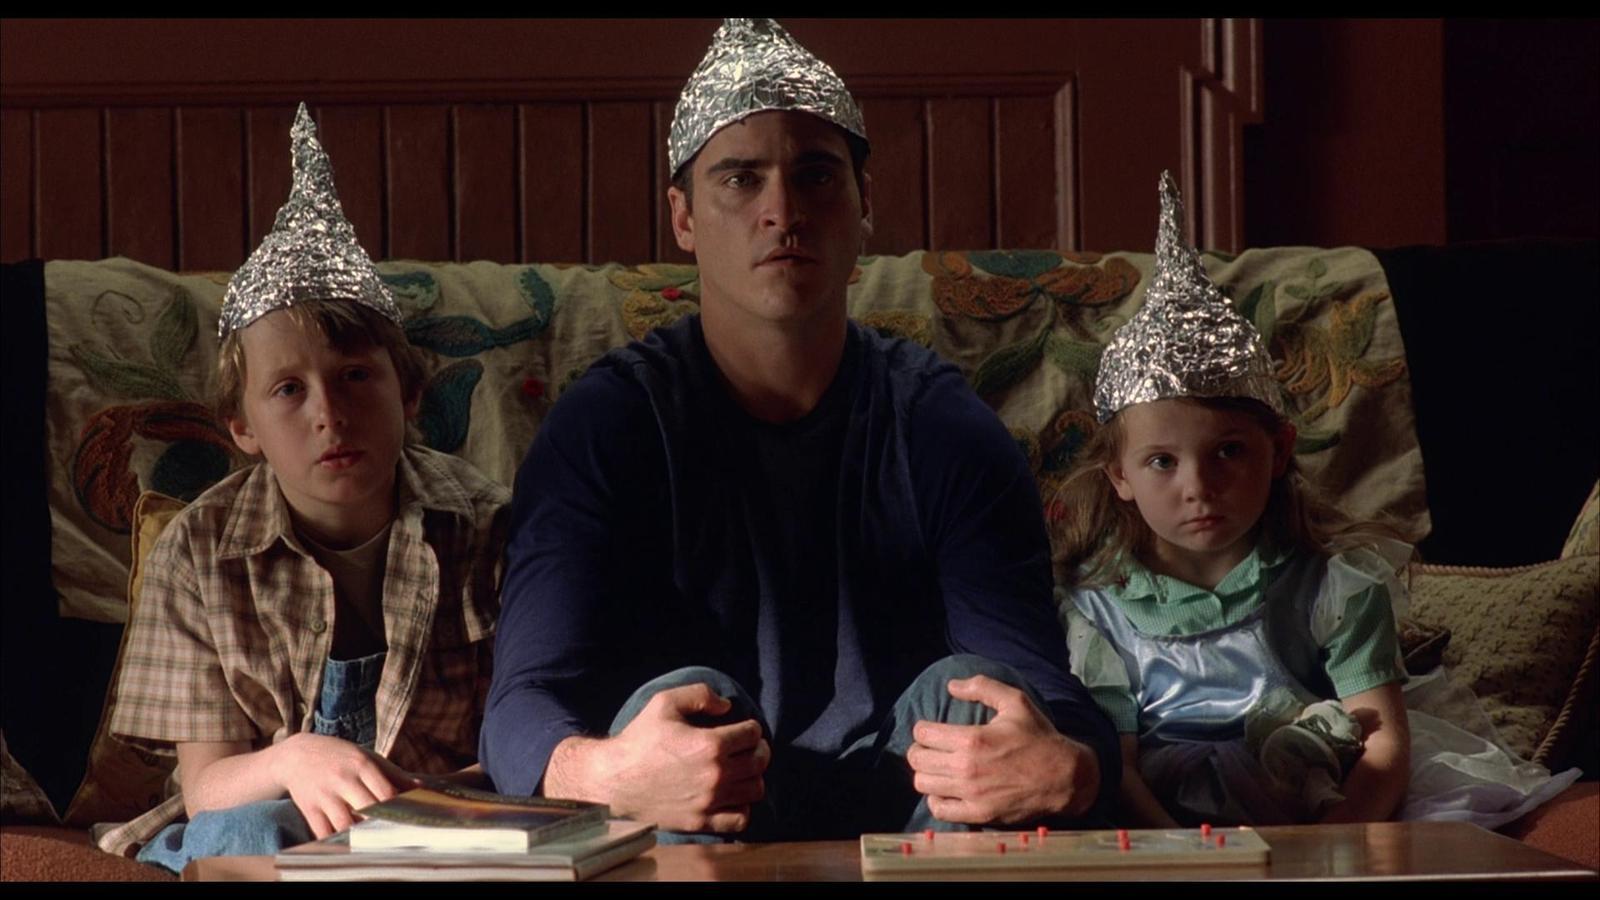 шапочка с фольги, семья, параноя